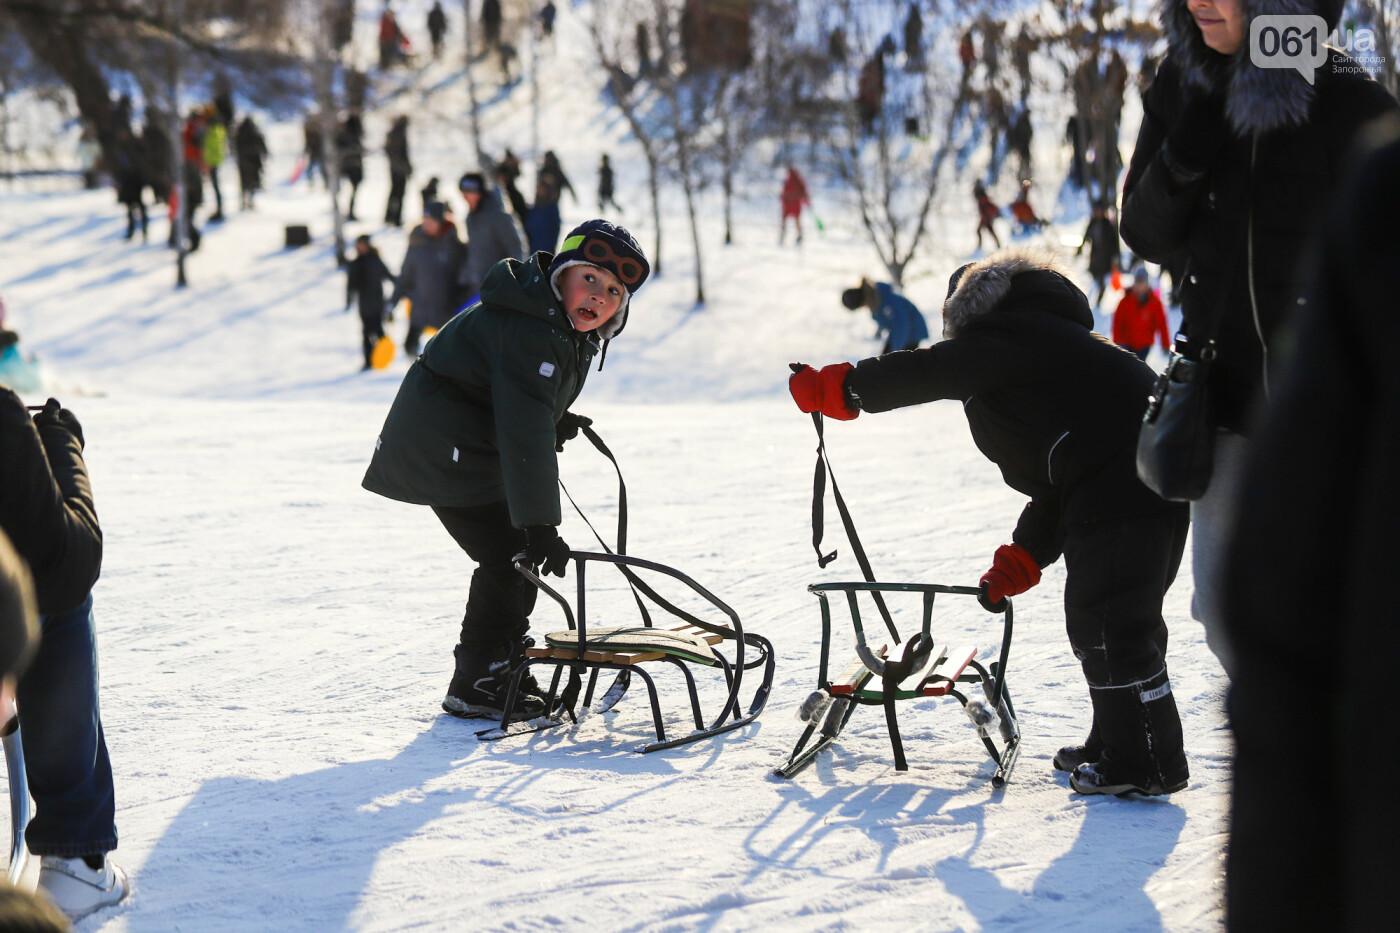 На санках, лыжах и сноуборде: запорожцы устроили массовое катание с горок в Вознесеновском парке, - ФОТОРЕПОРТАЖ, фото-72